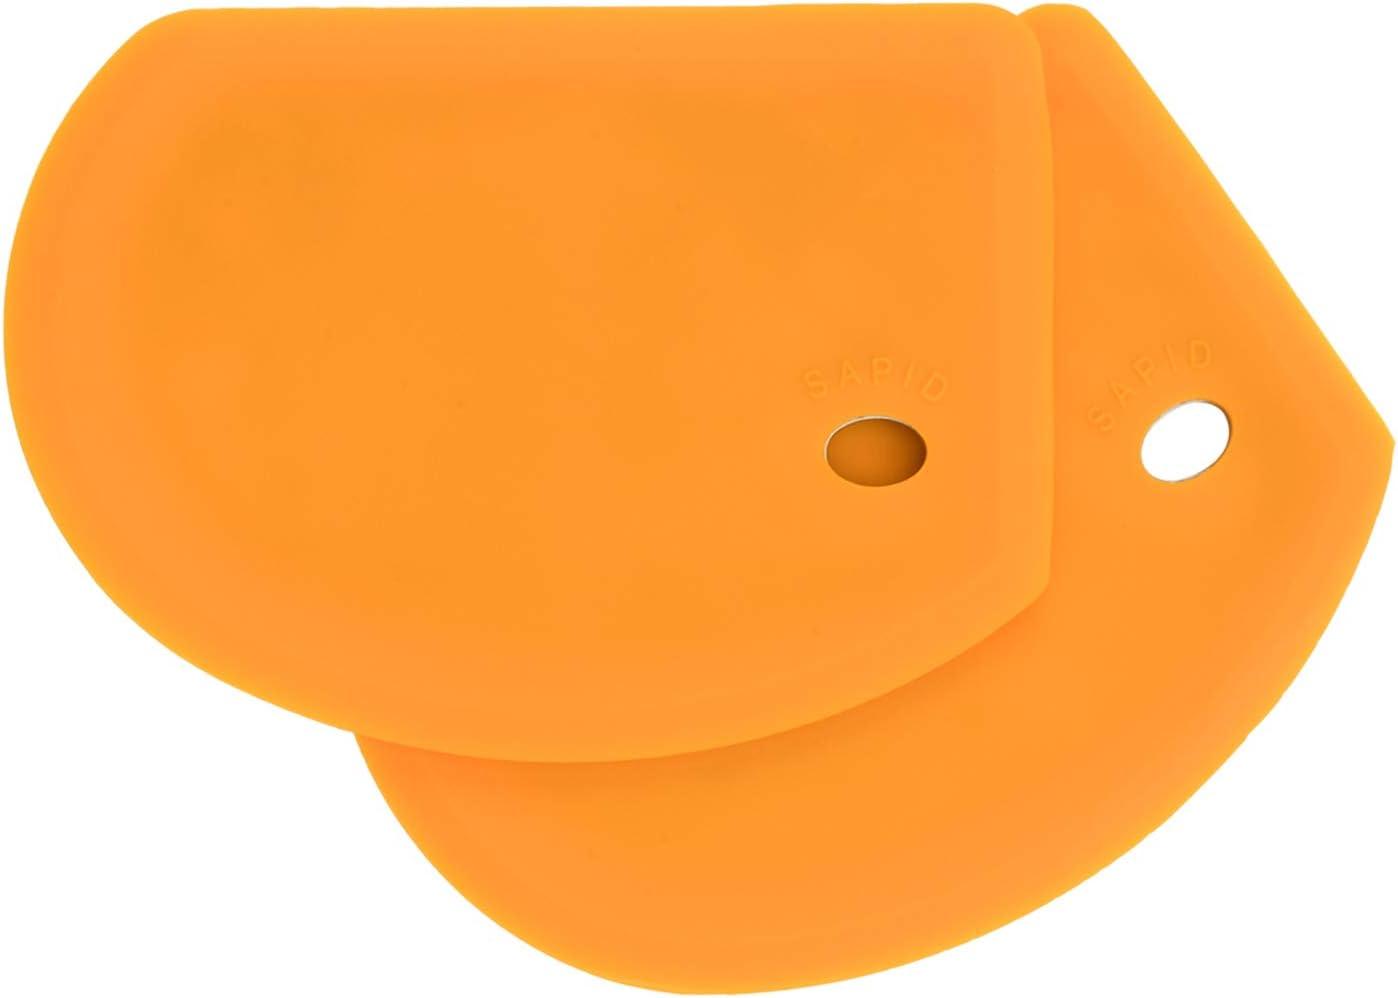 Sapid Flexible Silicone Bowl Scraper(5.98